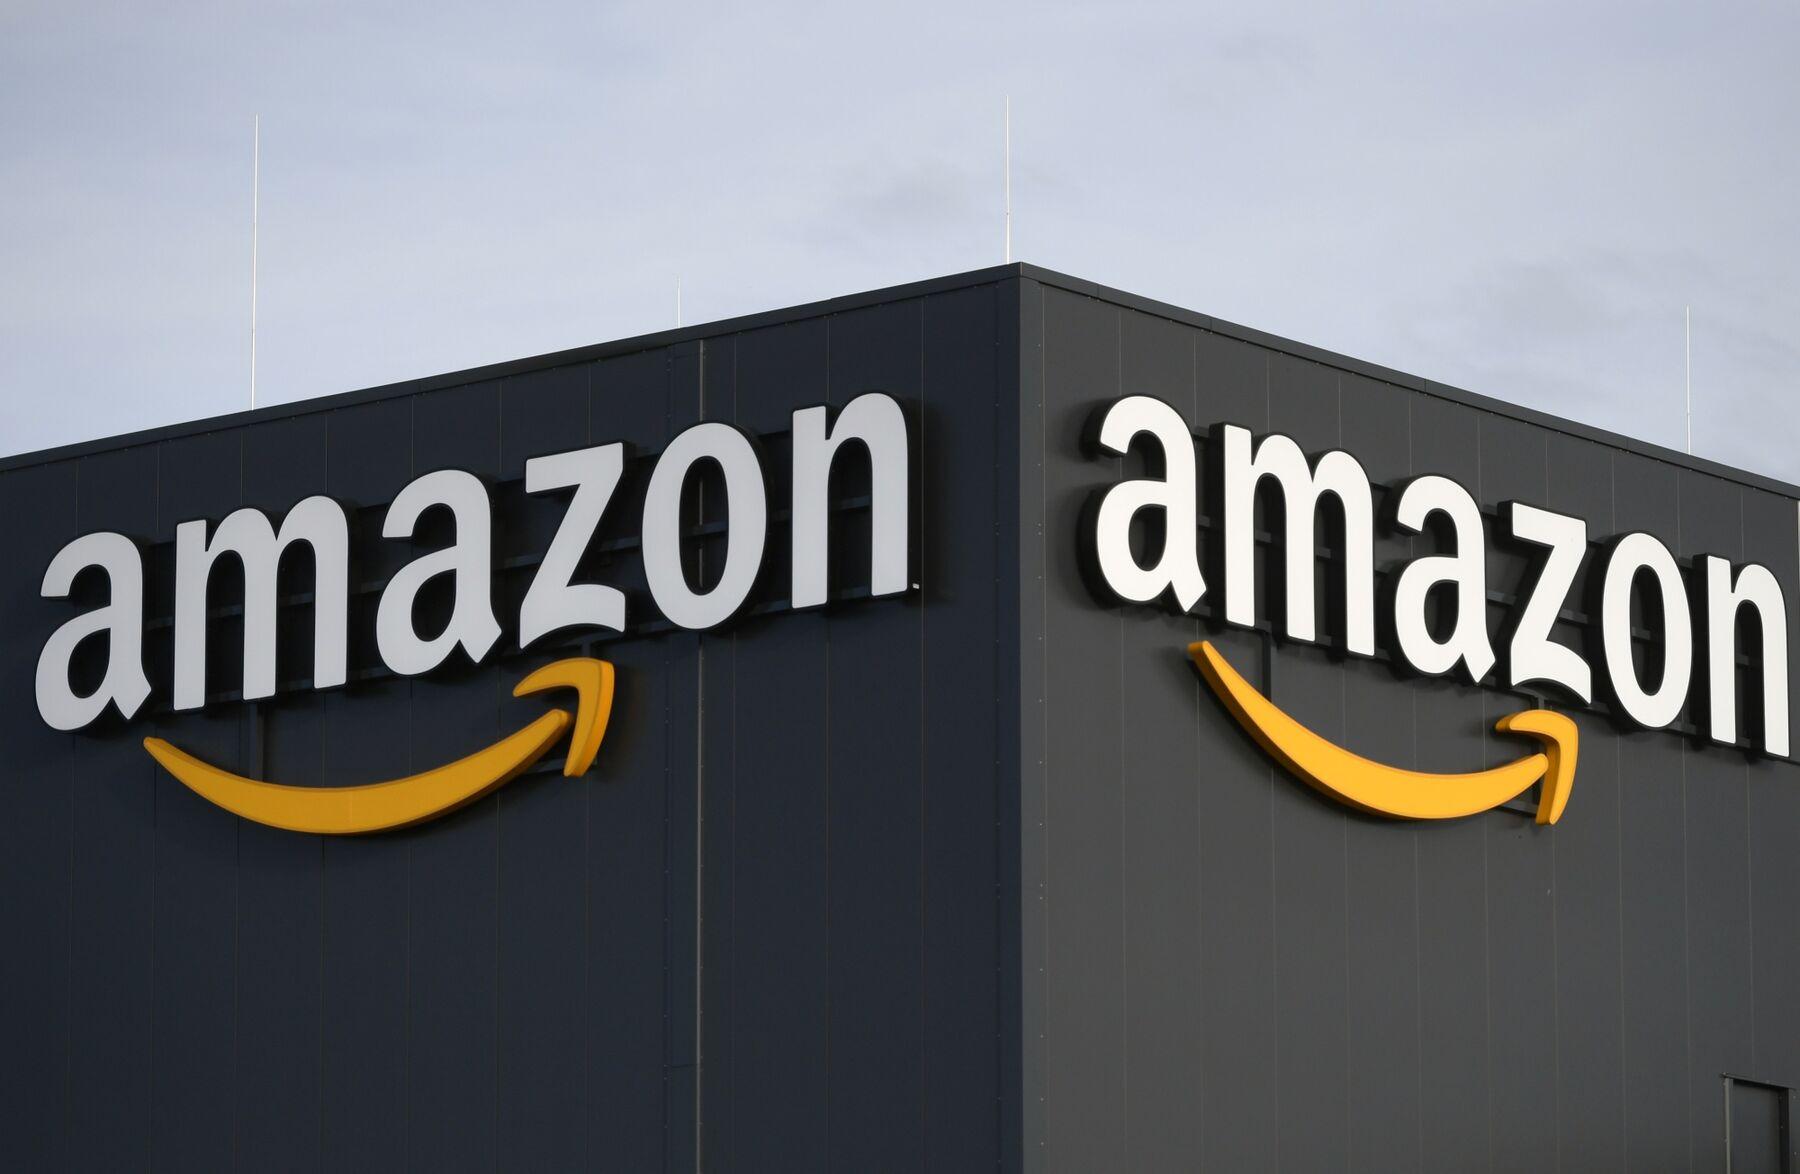 【米税制】アマゾンの低利益率が障害に−多国籍企業への課税巡る国際協議で